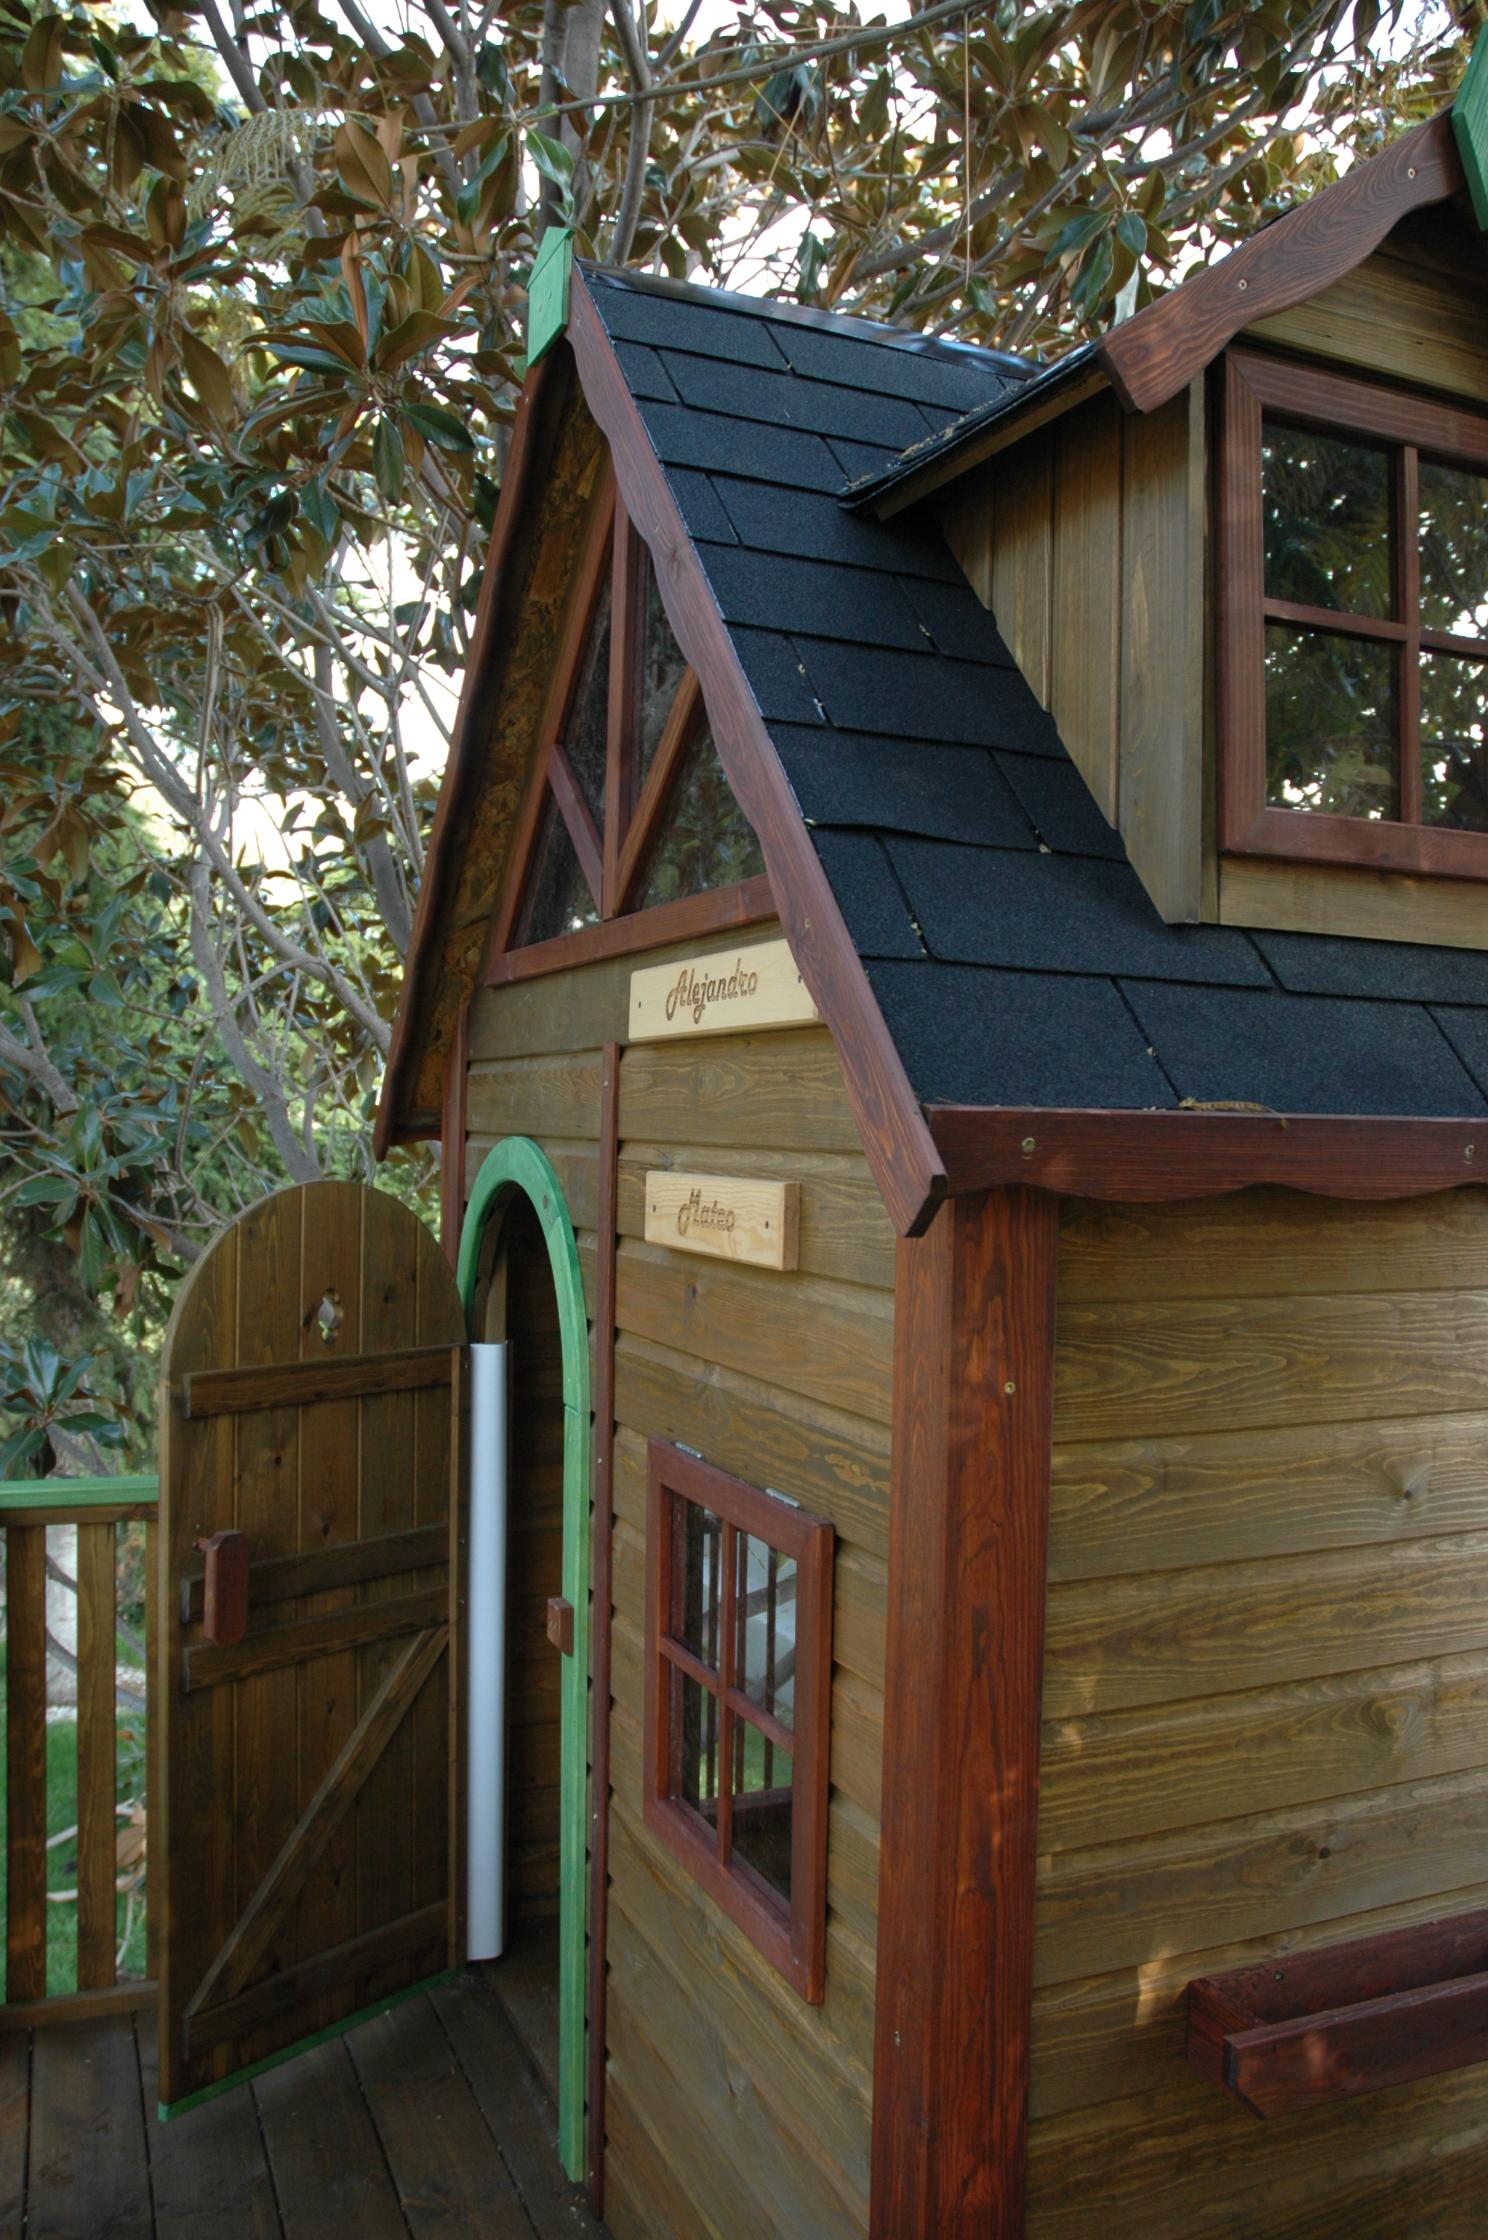 Casita de madera para ni os elevada mod kid estrucmader for Casitas de madera para ninos economicas